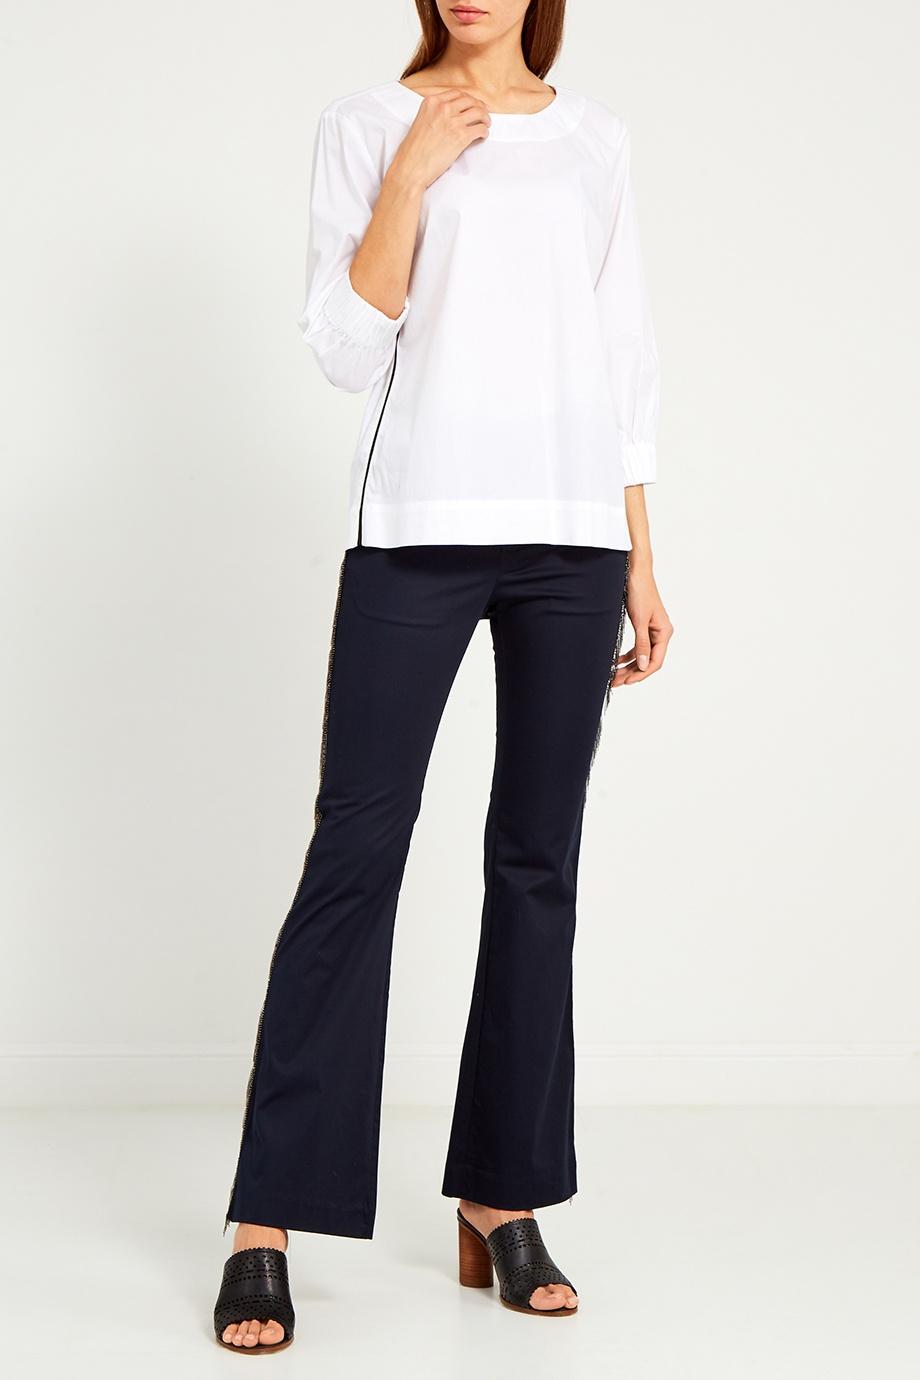 Блуза MILAMARSEL Белая блузка